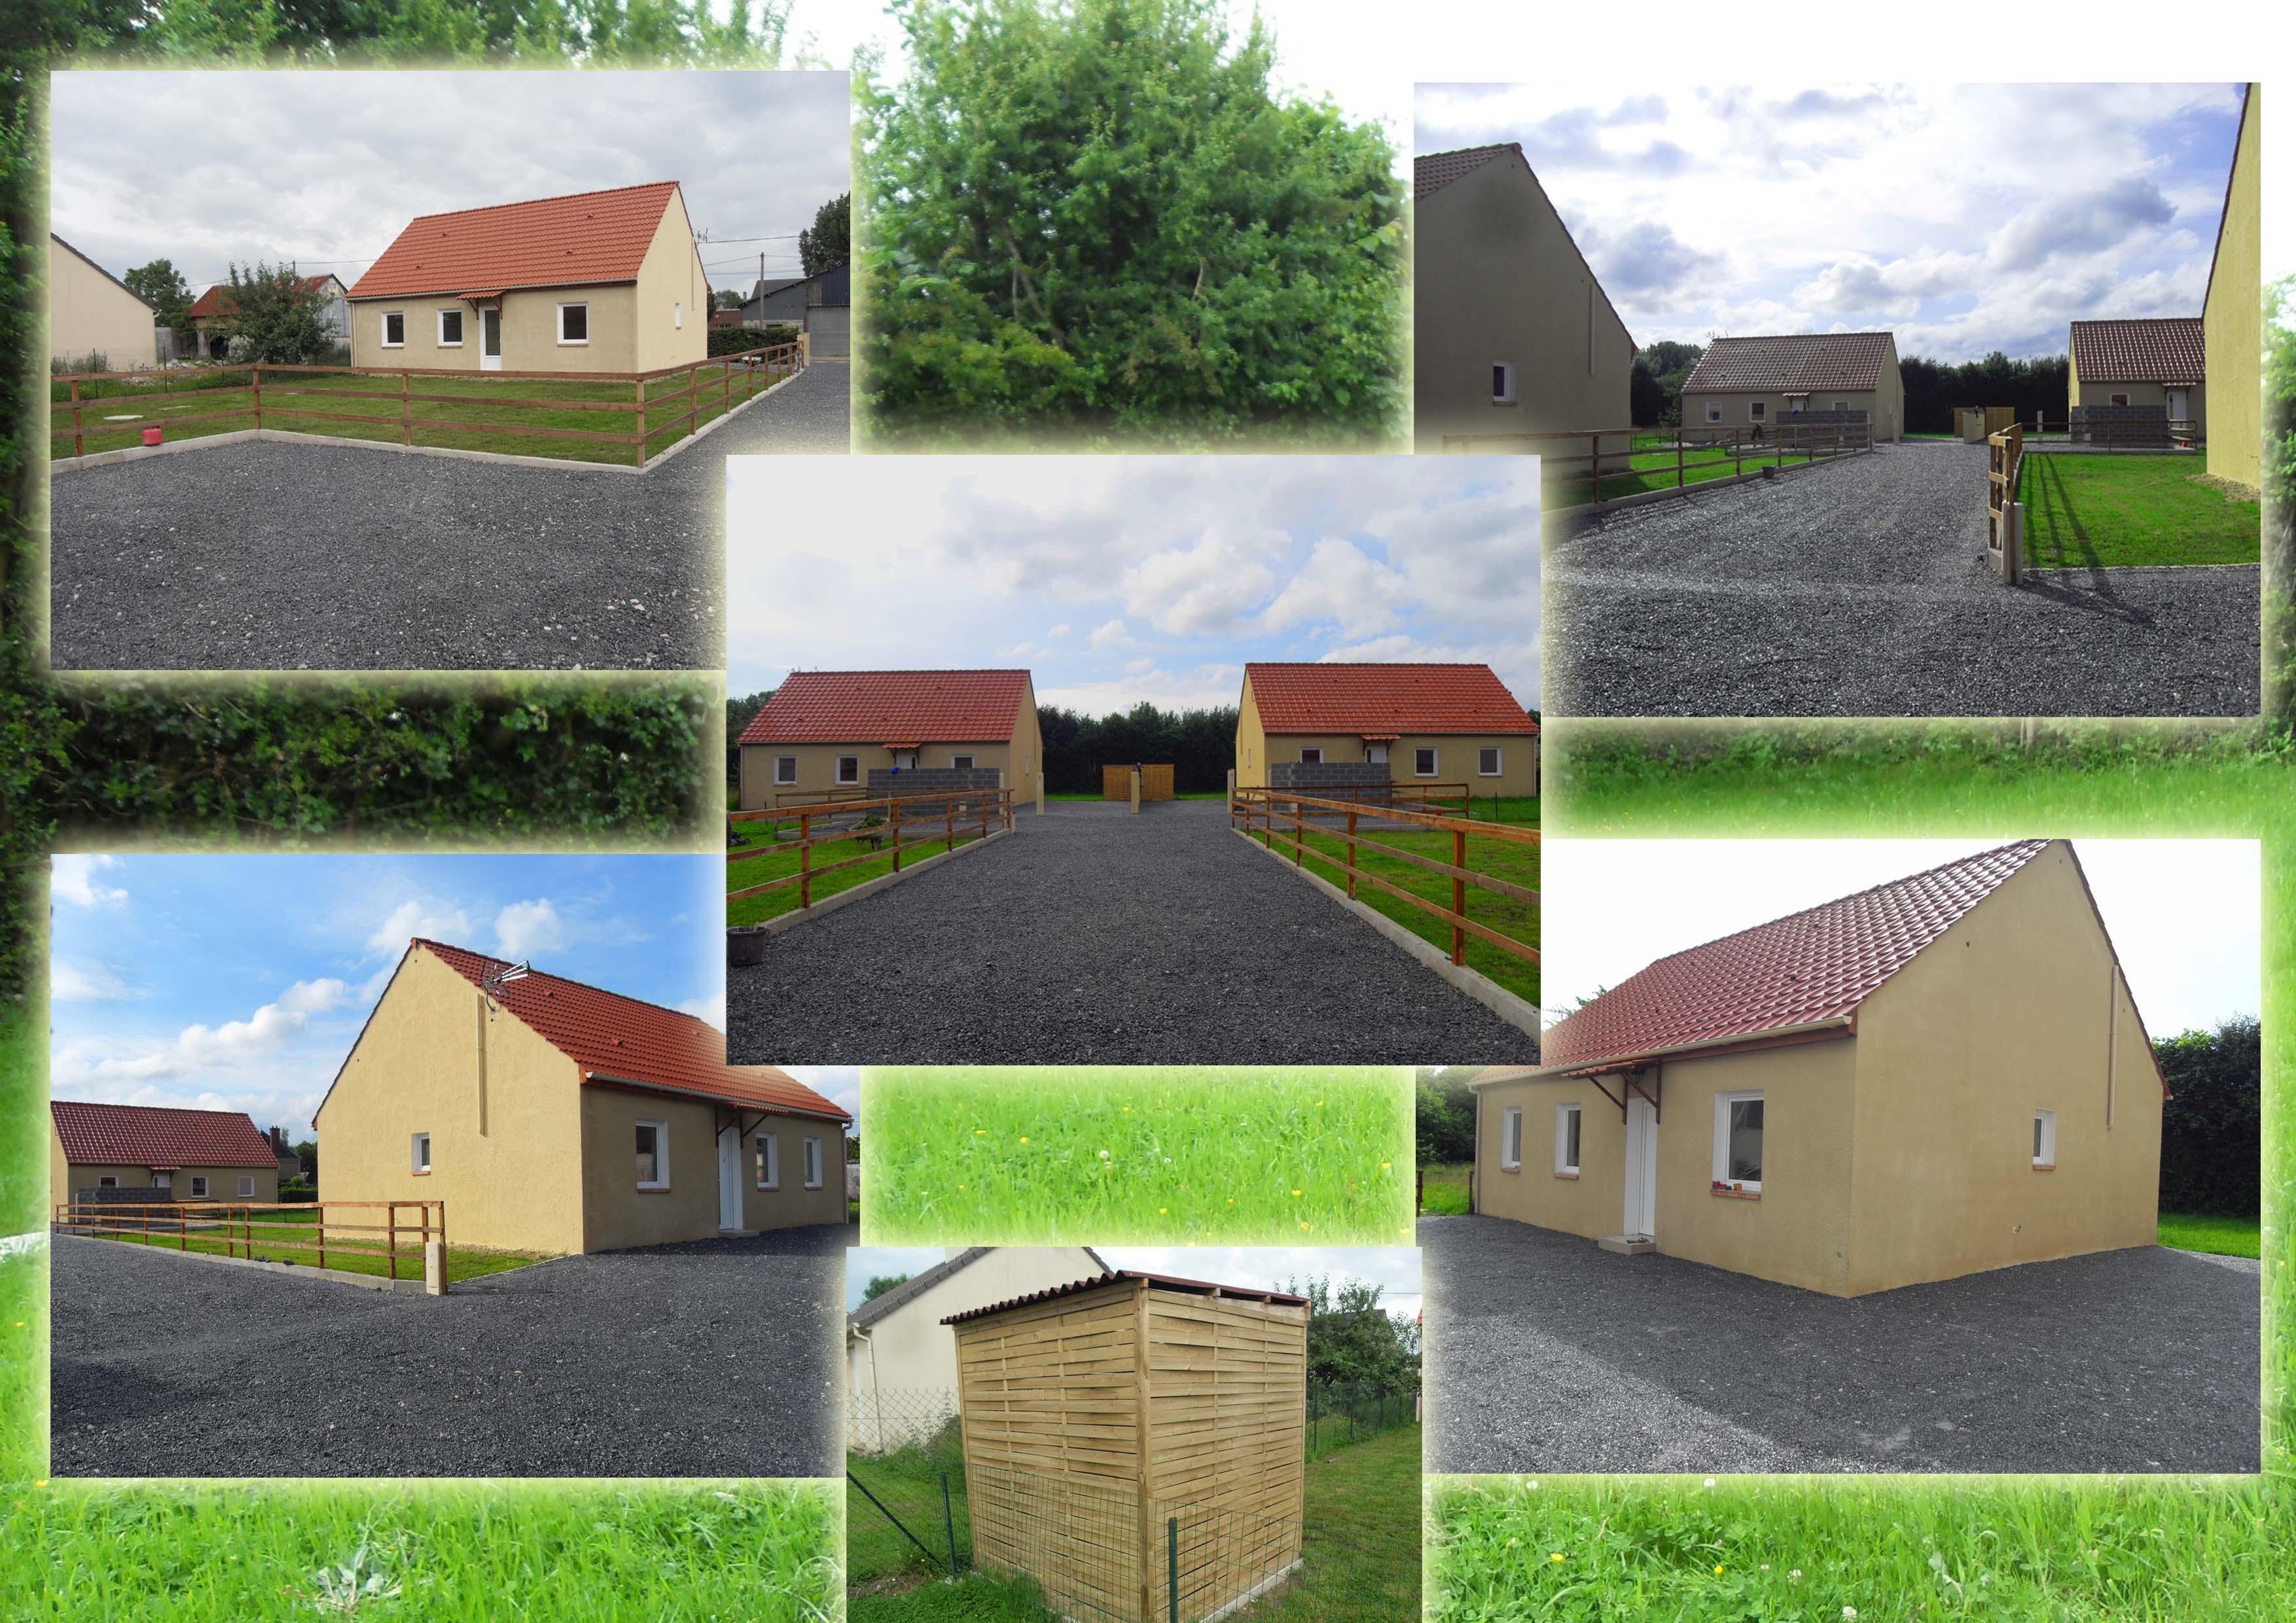 A vendre - 4 maisons - Proche Beauvais (Thieuloy Saint Antoine 60210)